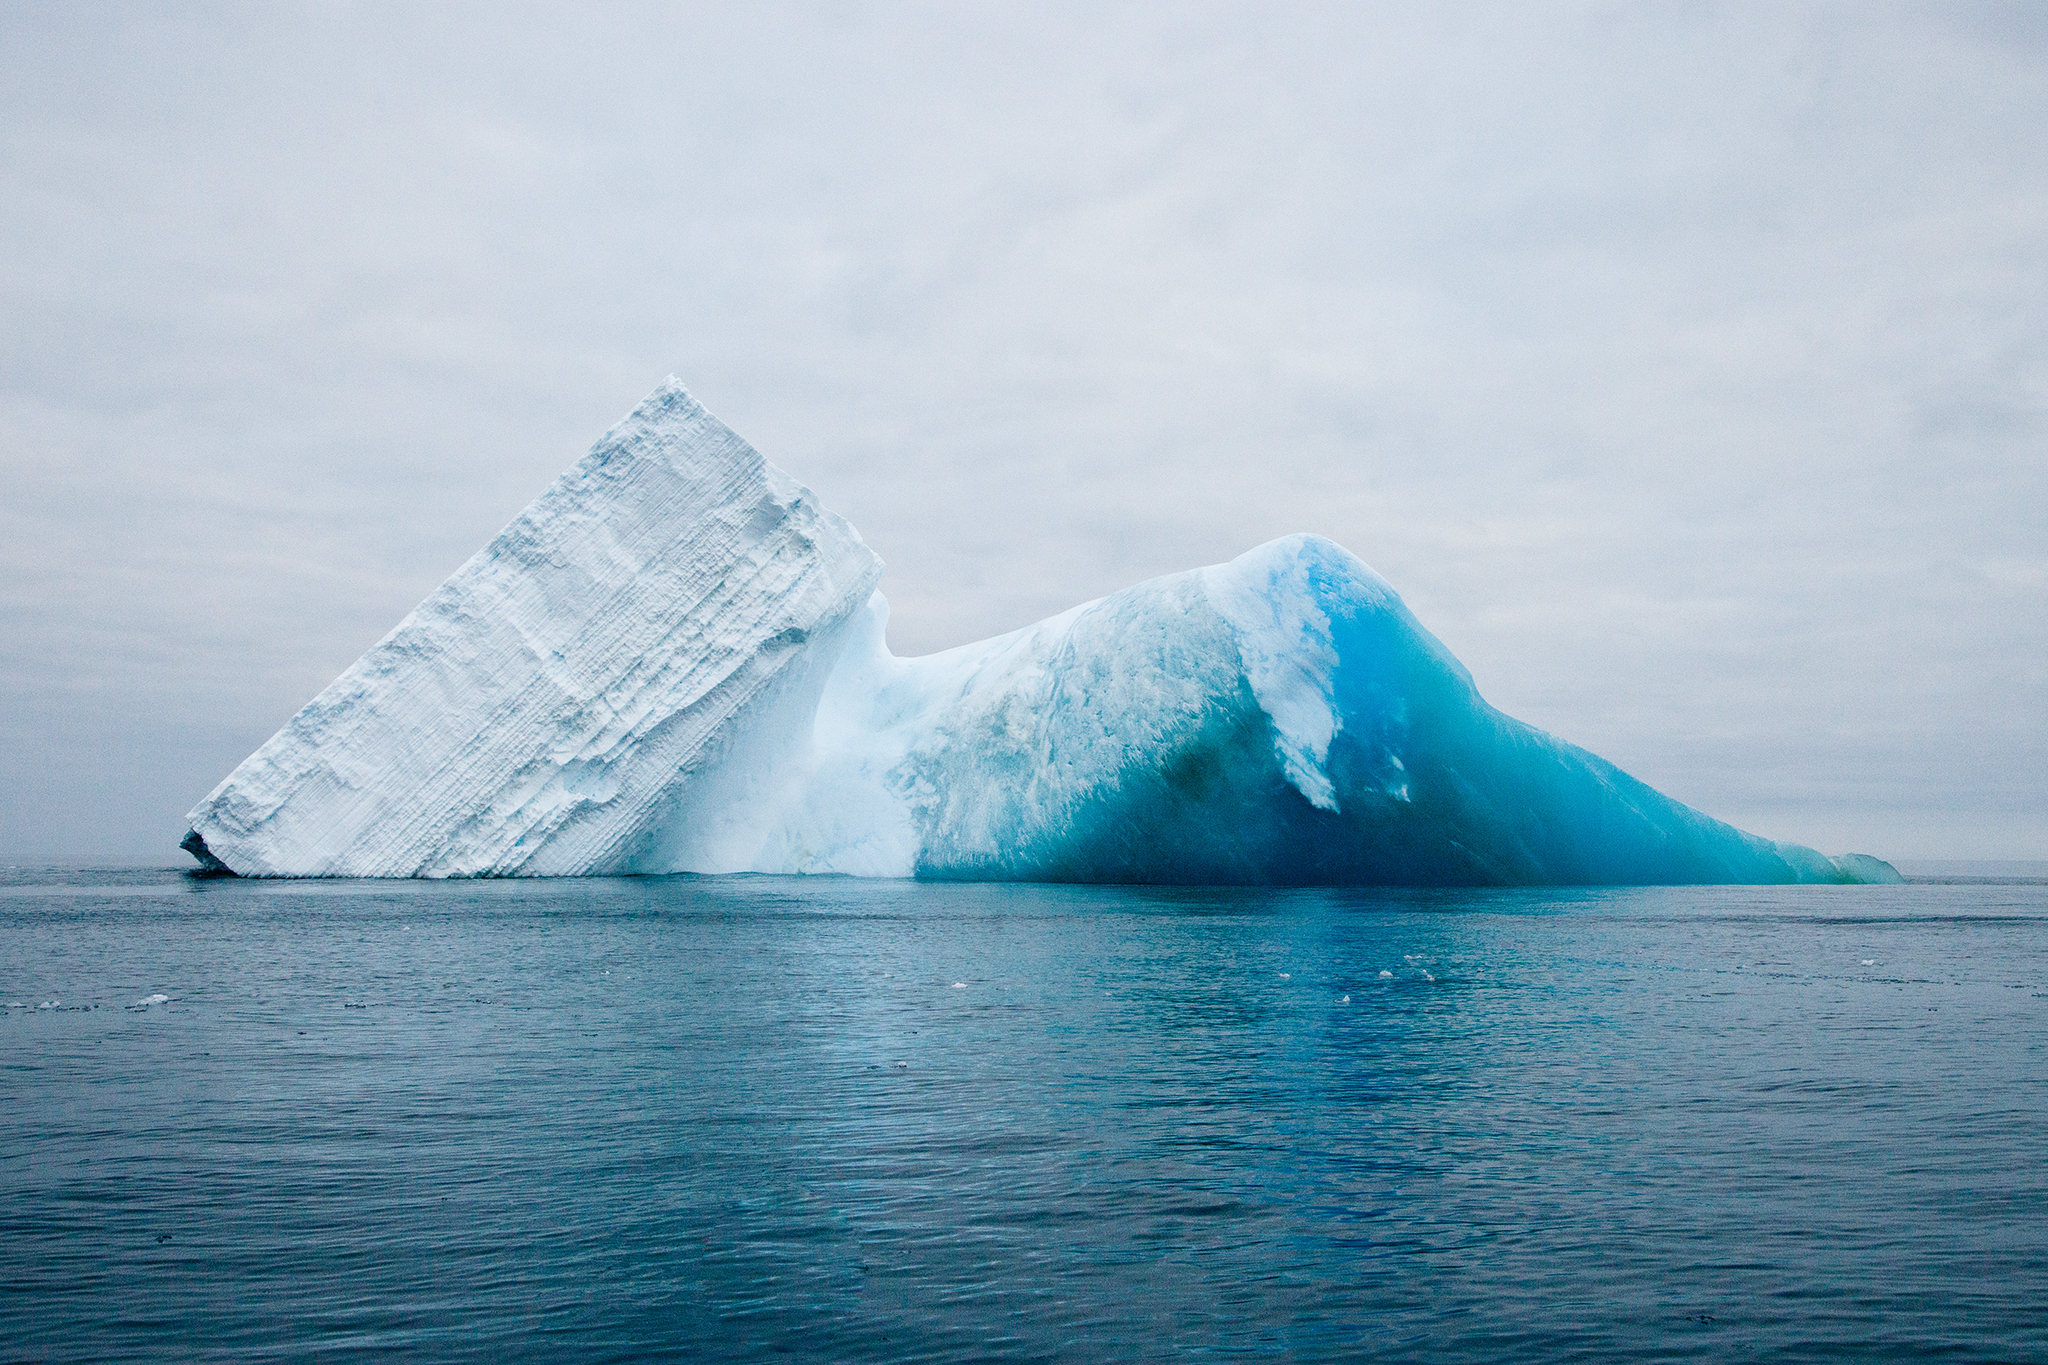 001-TW-Icebergs-130115.jpg